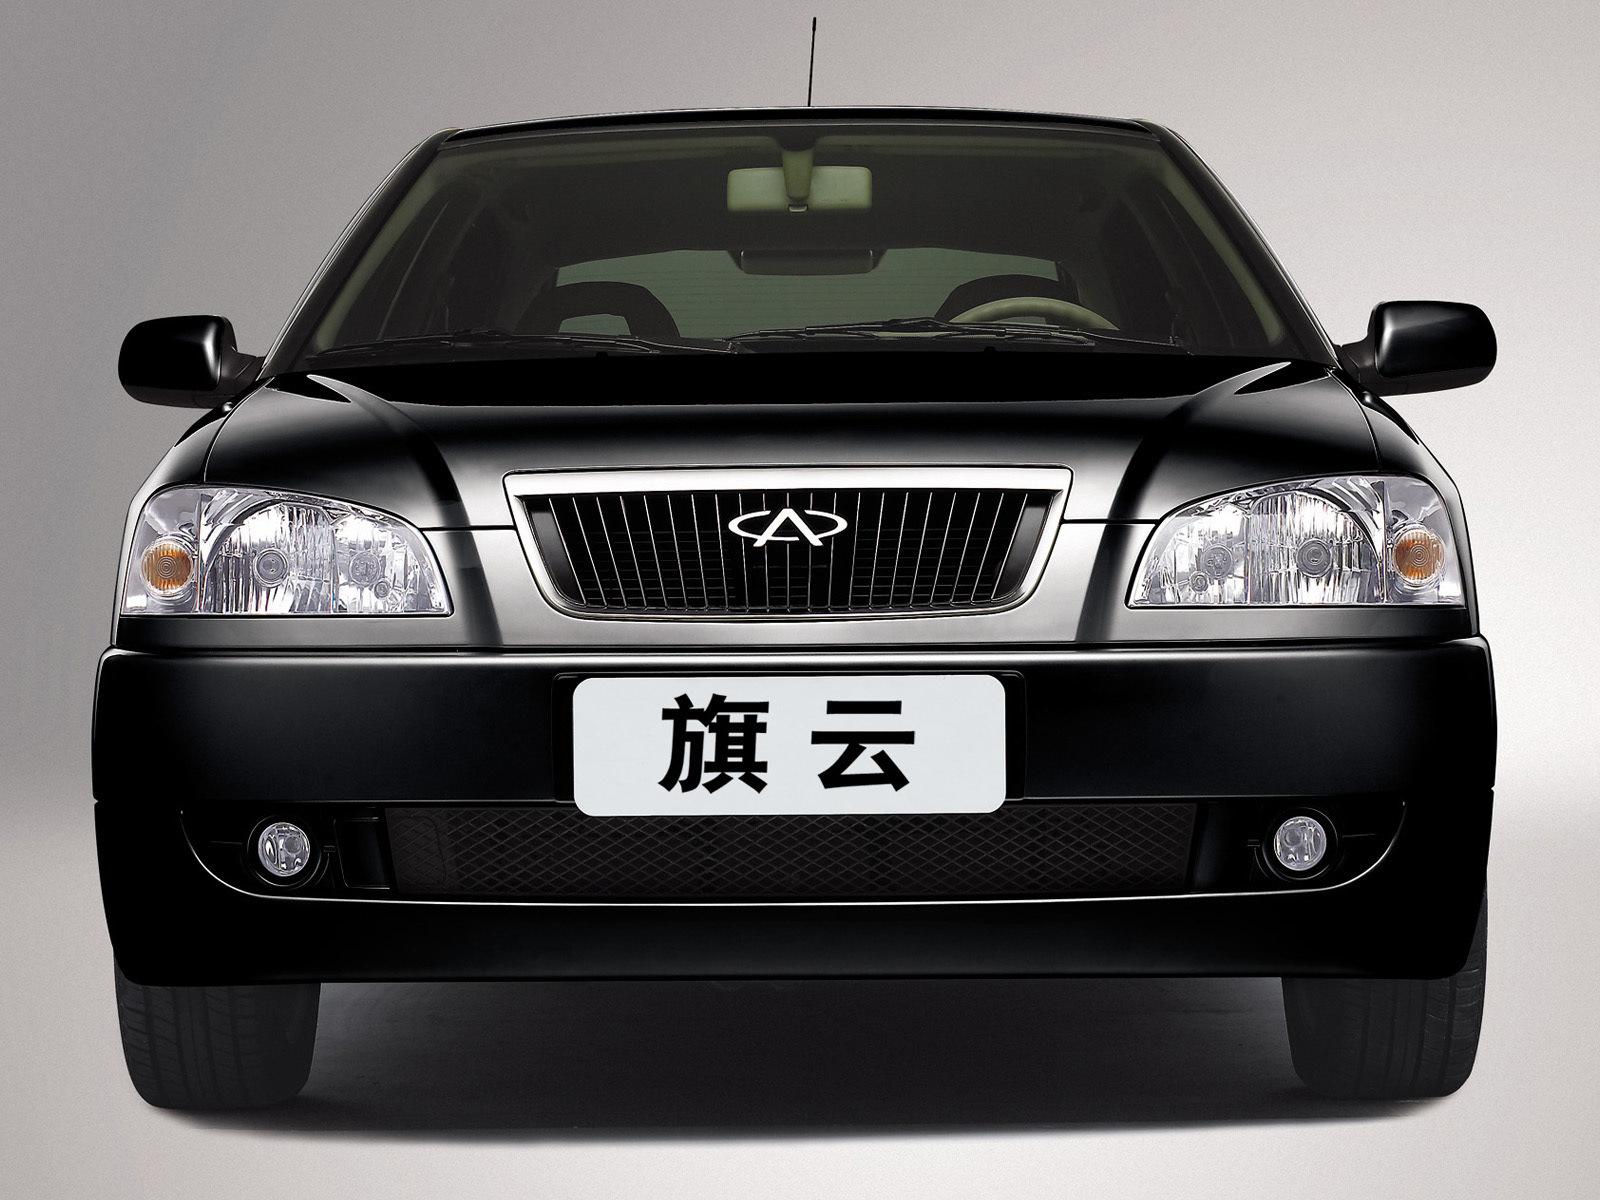 ГАЗ Siber — описание модели